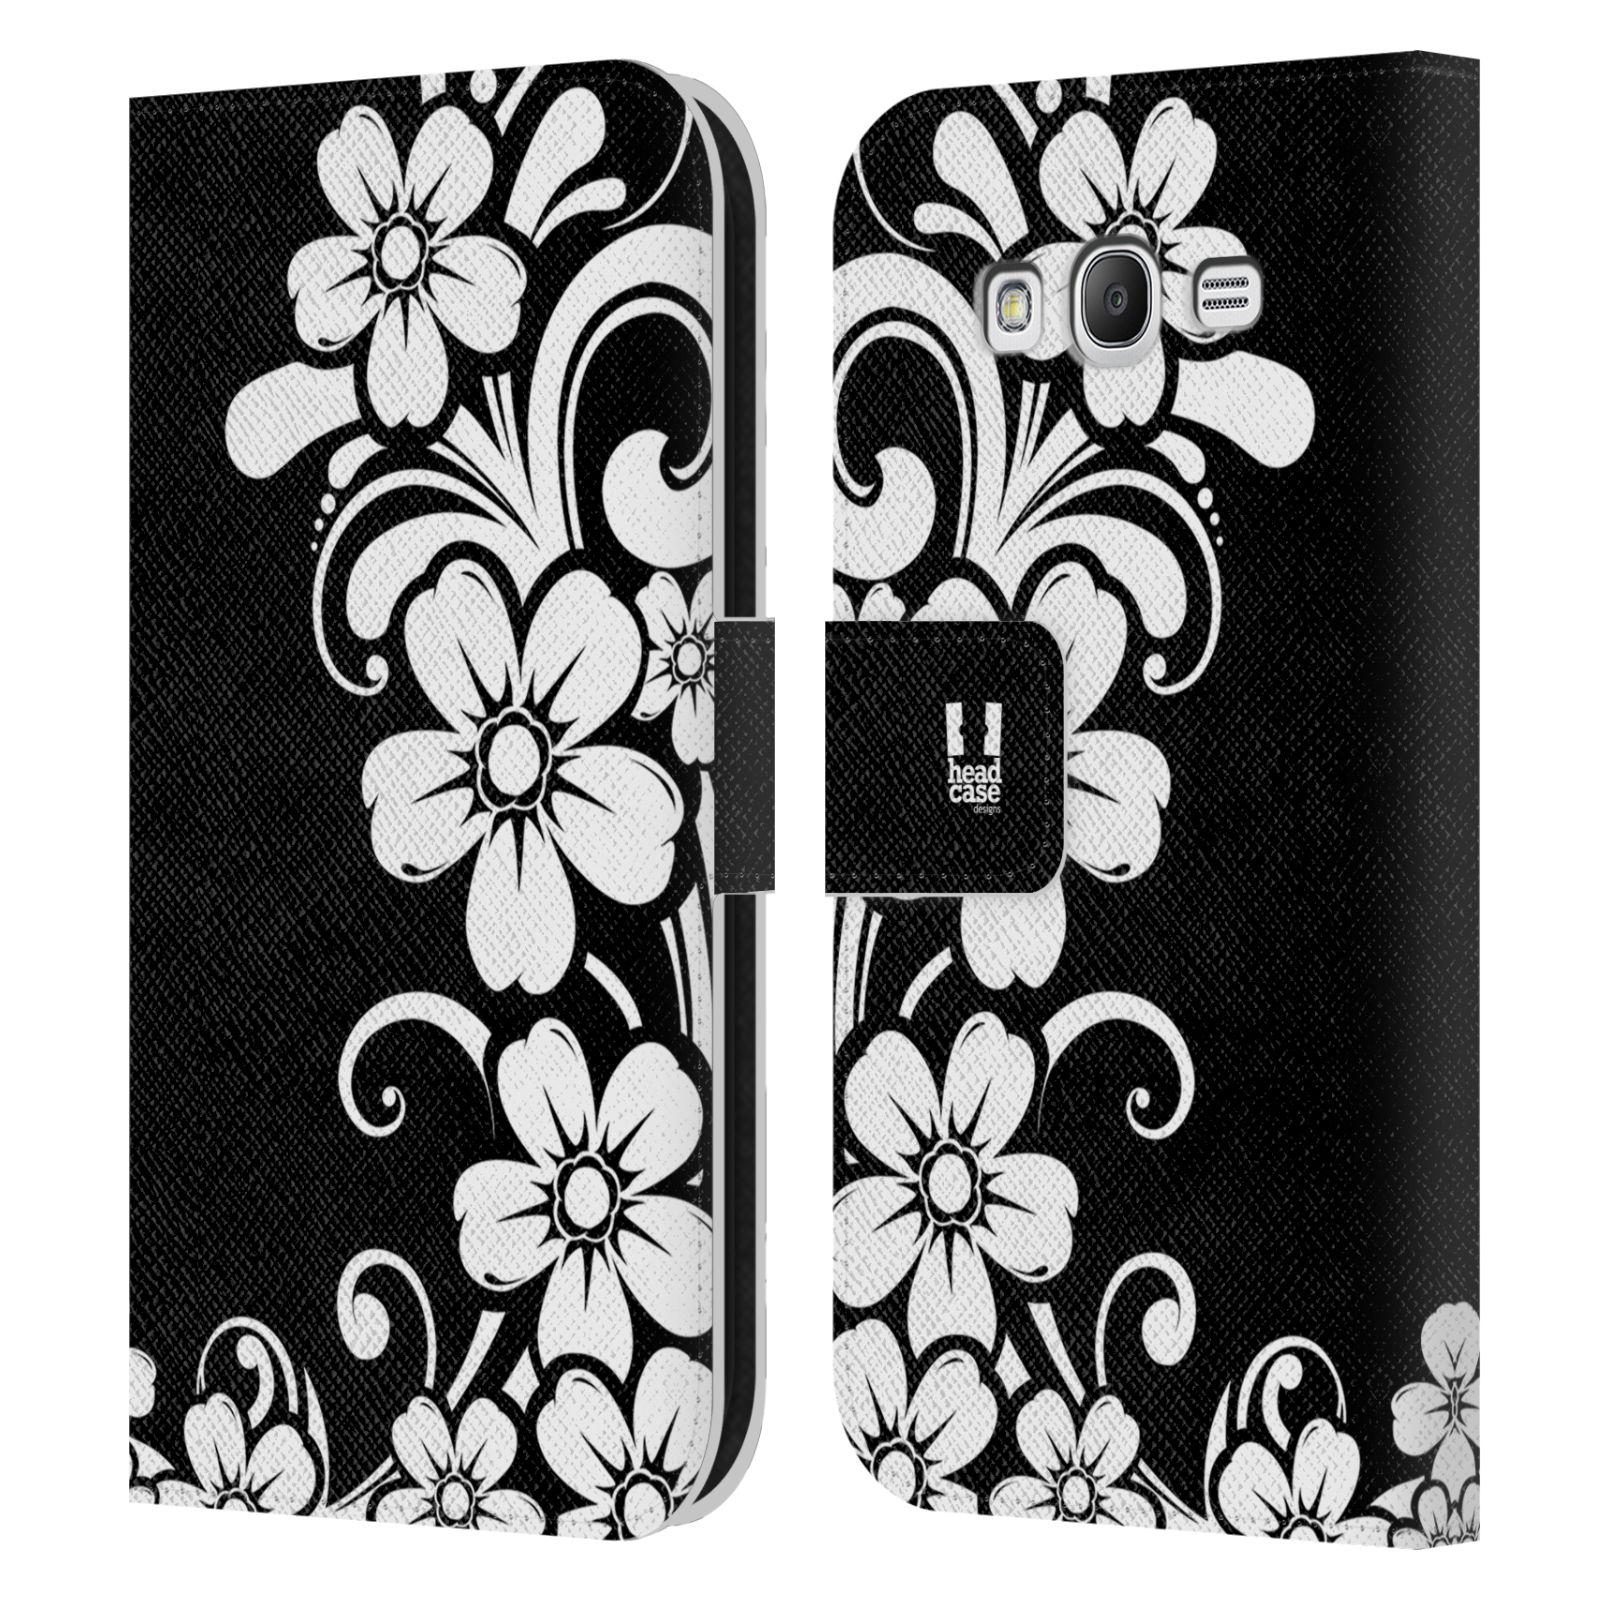 HEAD CASE Flipové pouzdro pro mobil Samsung Galaxy Grand i9080 ČERNOBÍLÁ KVĚTINA květ